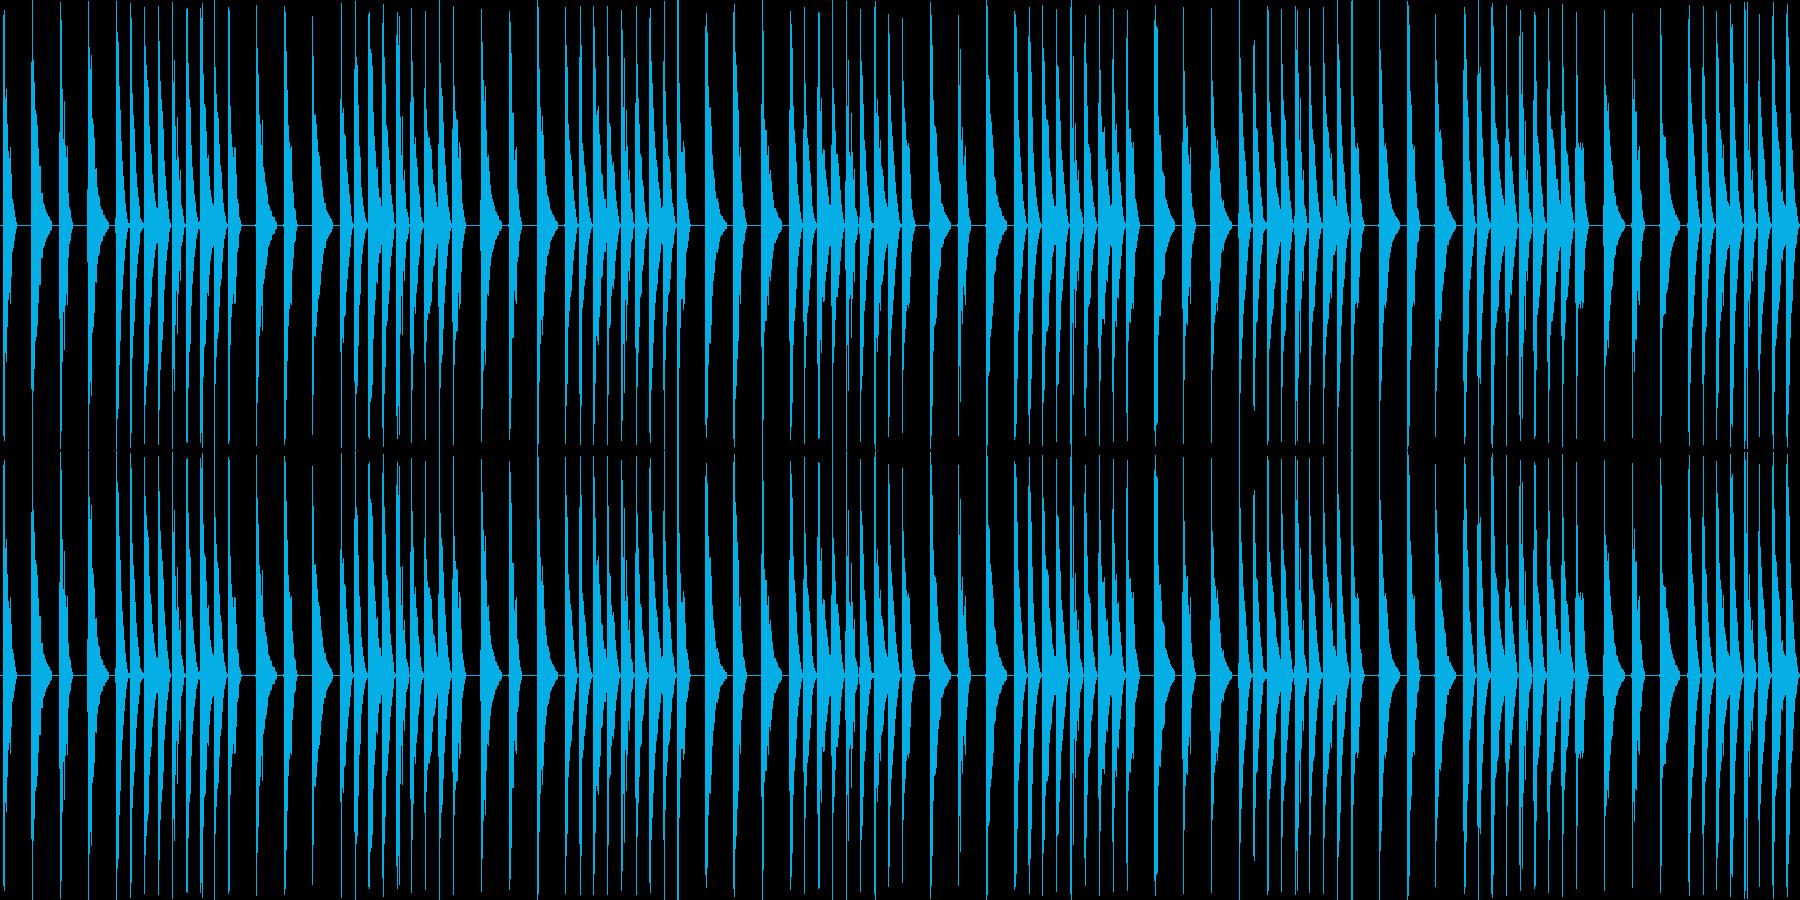 8bitのレトロでスリリングなBGMの再生済みの波形